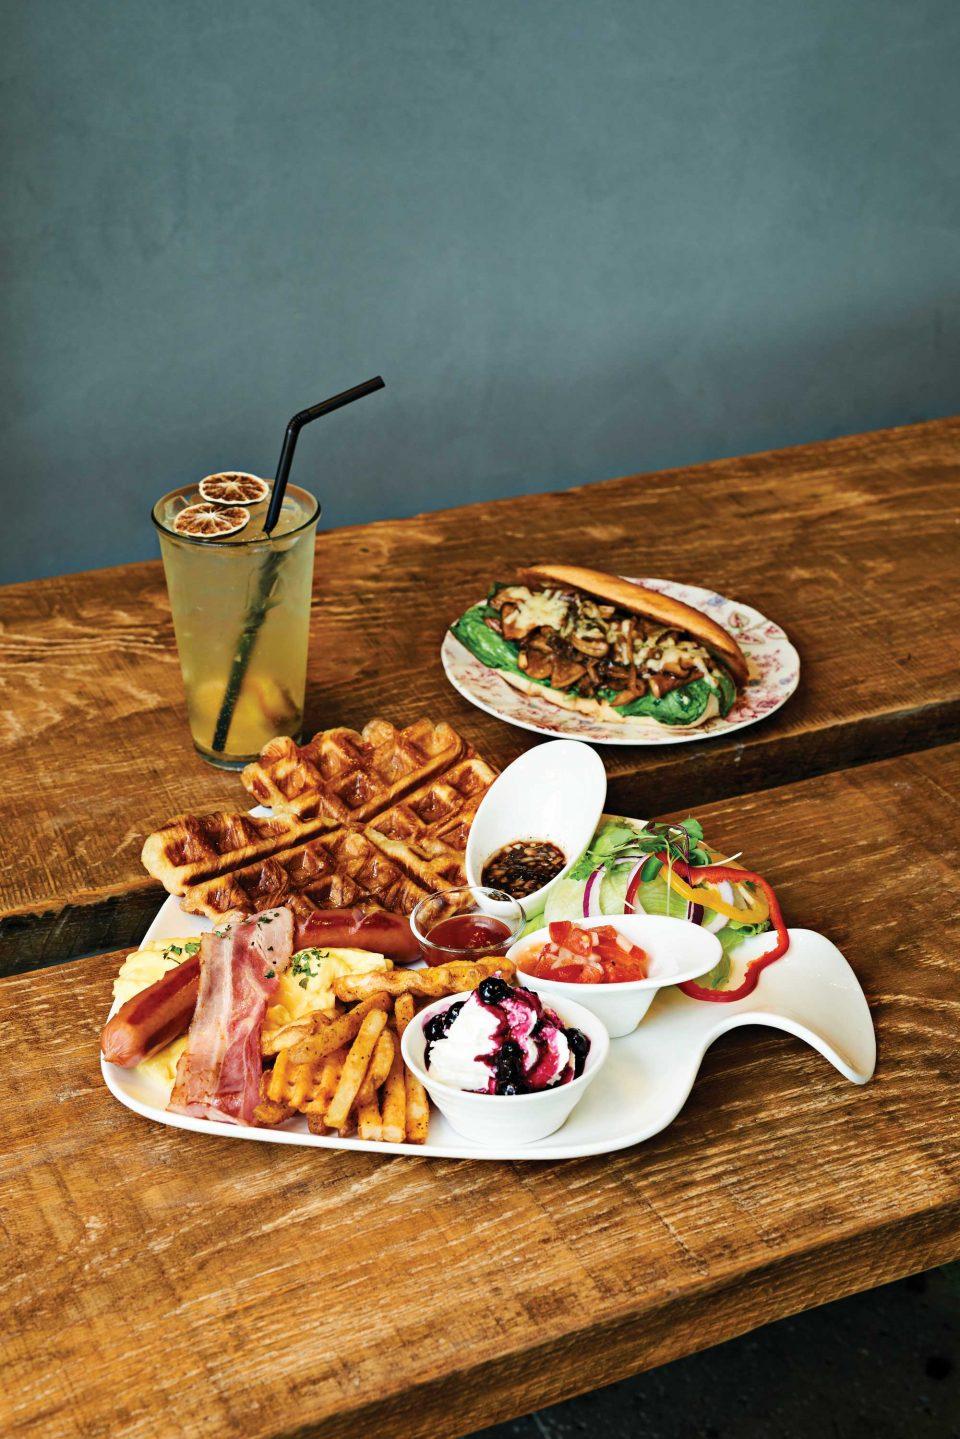 마음껏 수다를 떨고 맛있는 음식을 즐기며 편안한 시간을 보낼 수 있는 송도의 더수다 브런치 레스토랑.